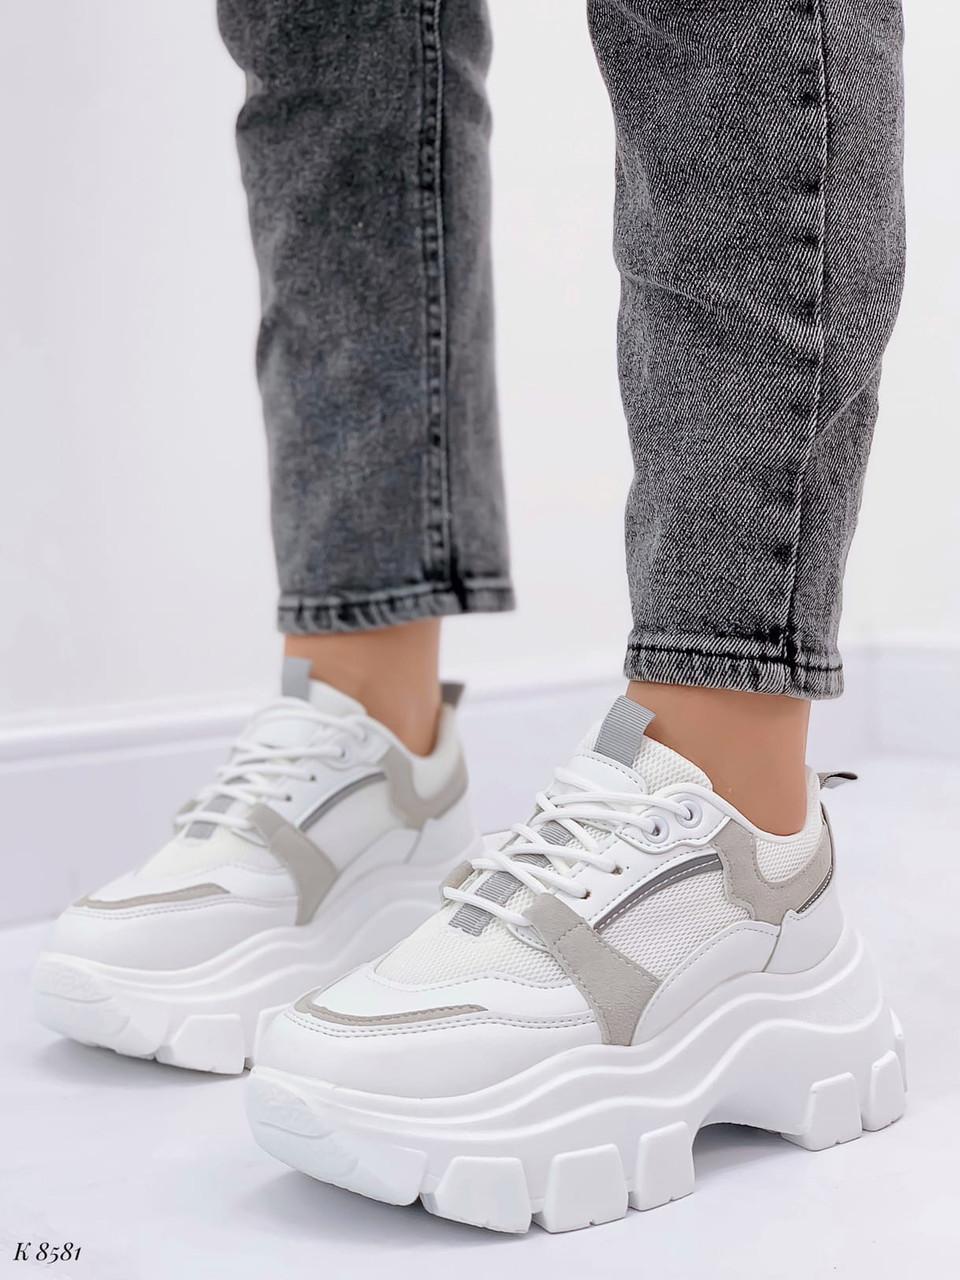 Кроссовки женские белые с серым на платформе 6,5 см эко-замш + эко кожа + текстиль